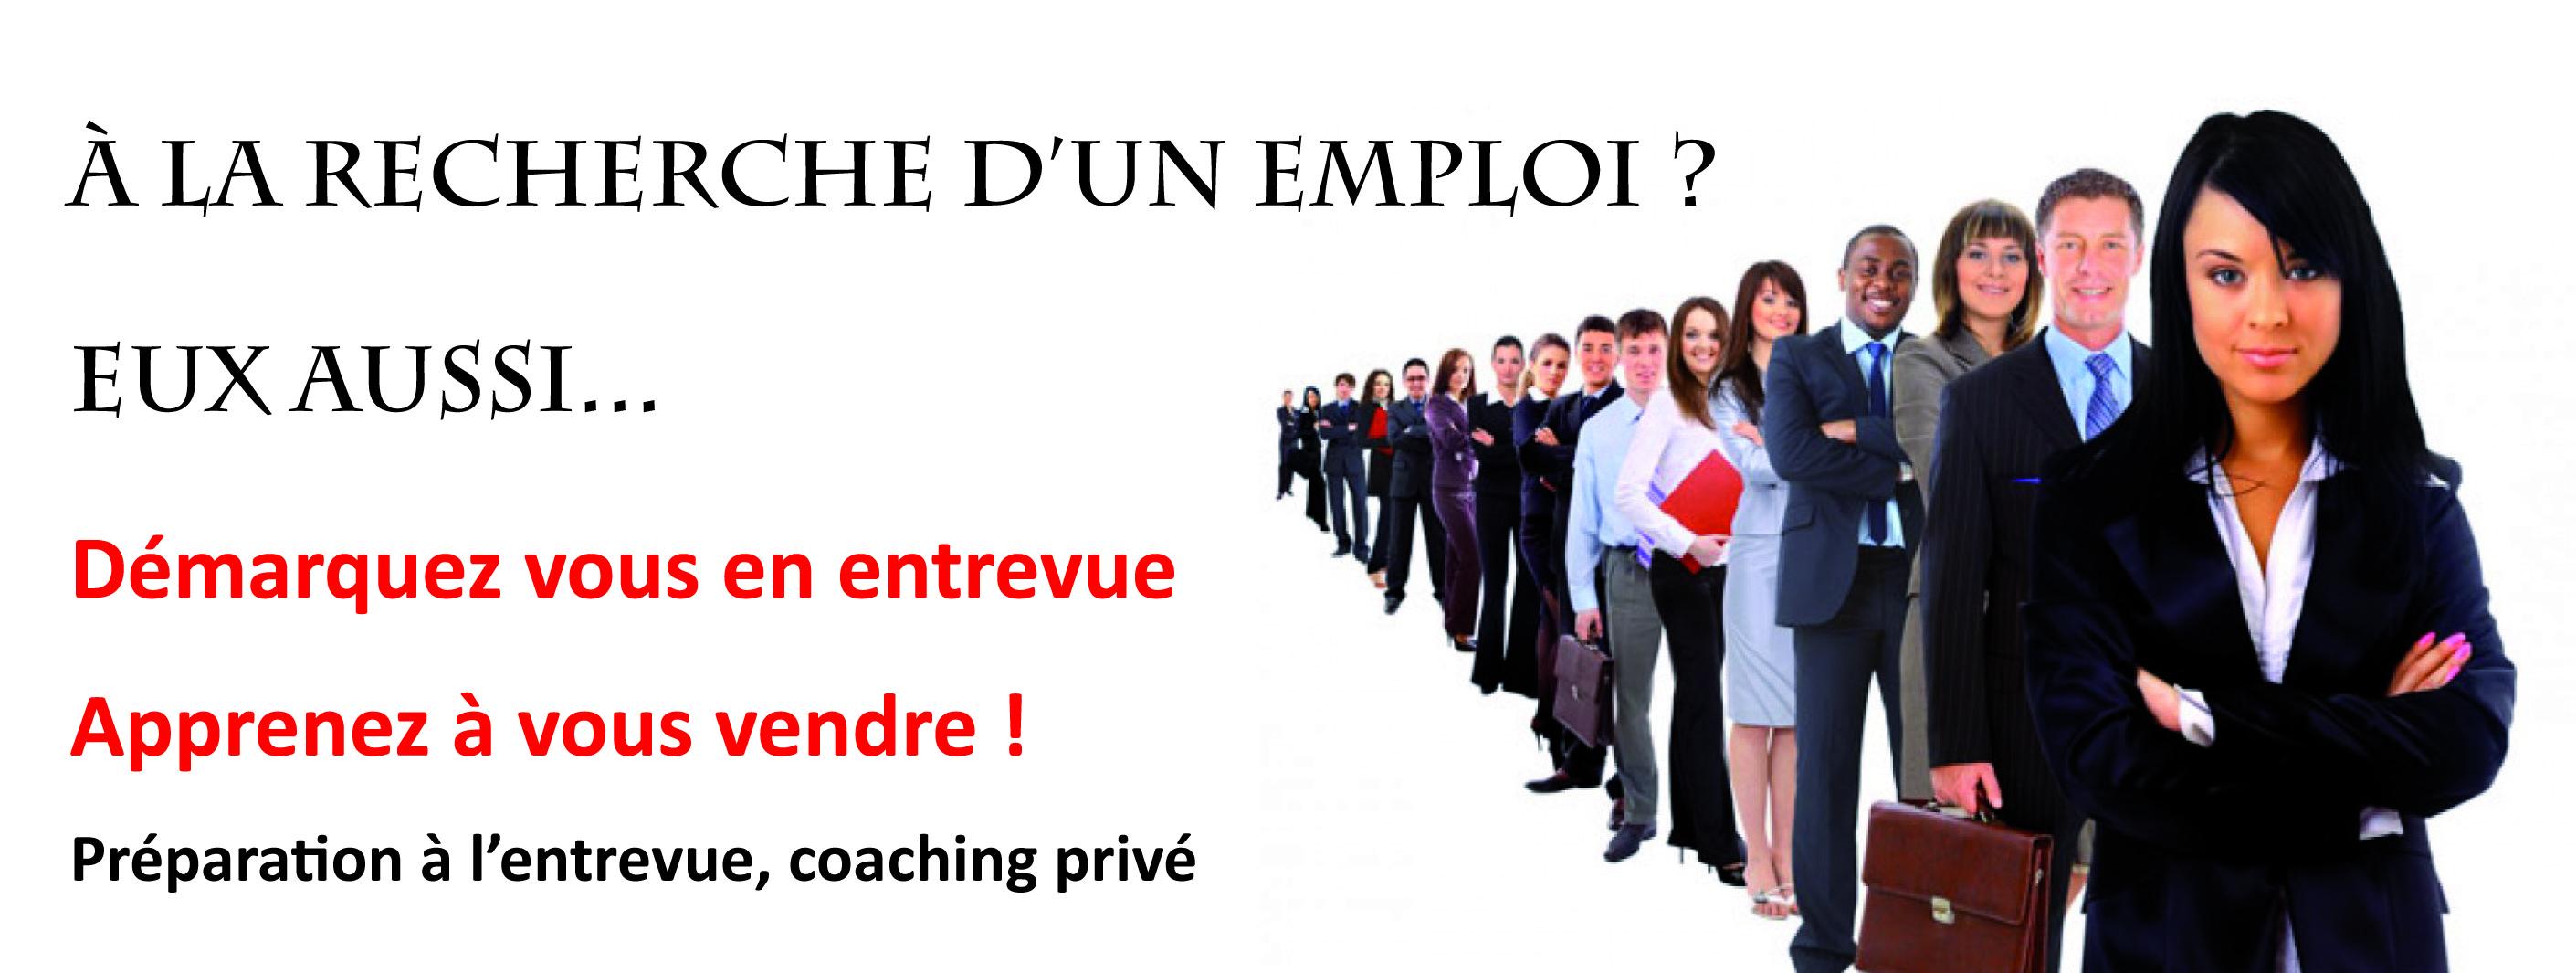 La recherche d'emploi et l'entrevue de sélection